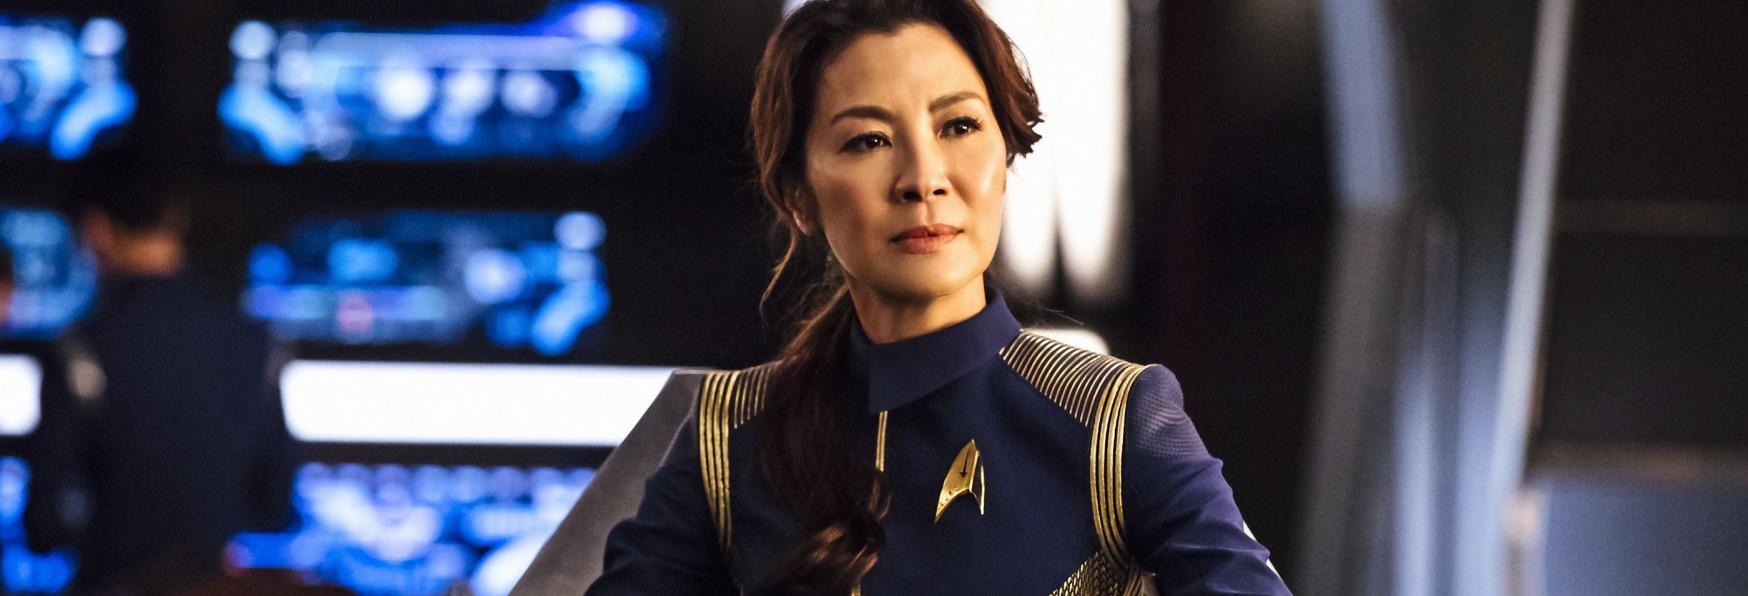 Blood Origin: Michelle Yeoh nel Cast della Serie TV Prequel di The Witcher